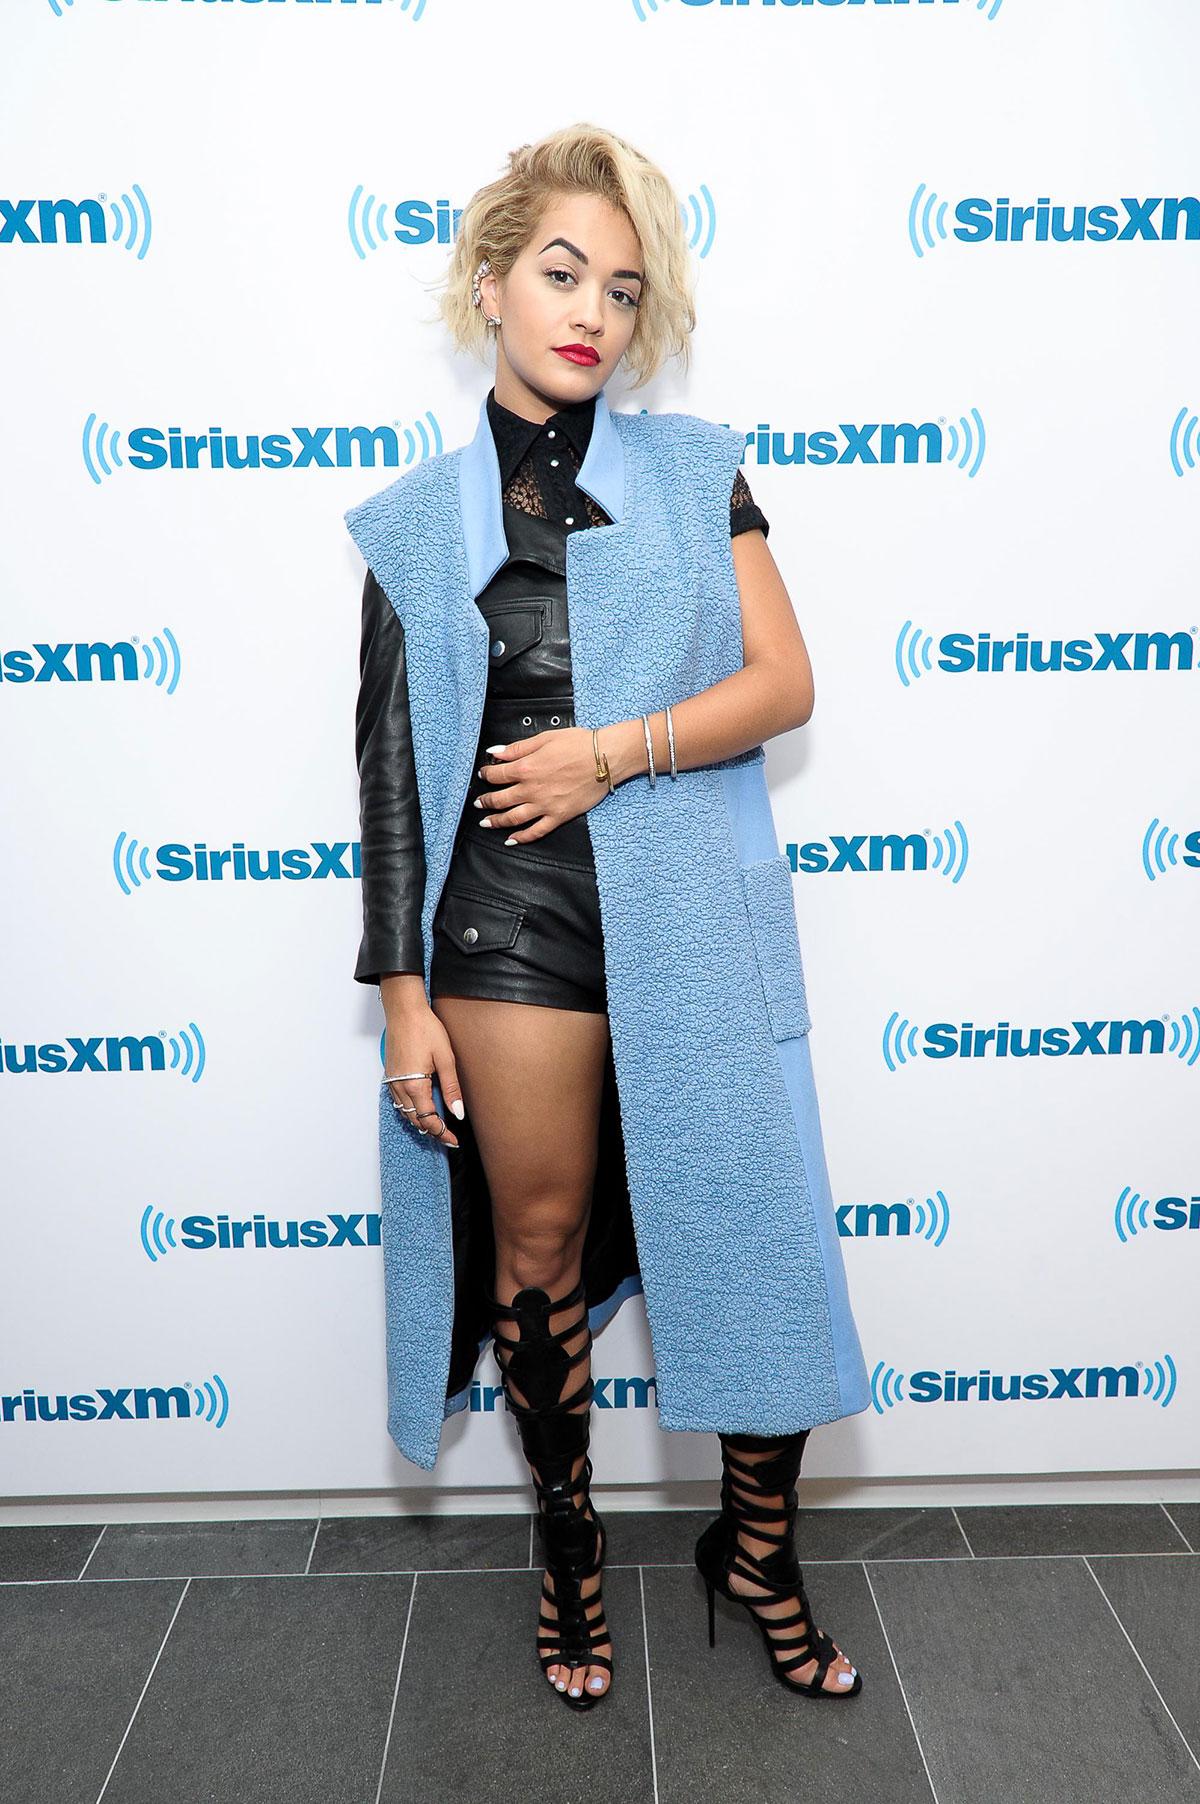 Rita Ora visits at SiriusXM Studios